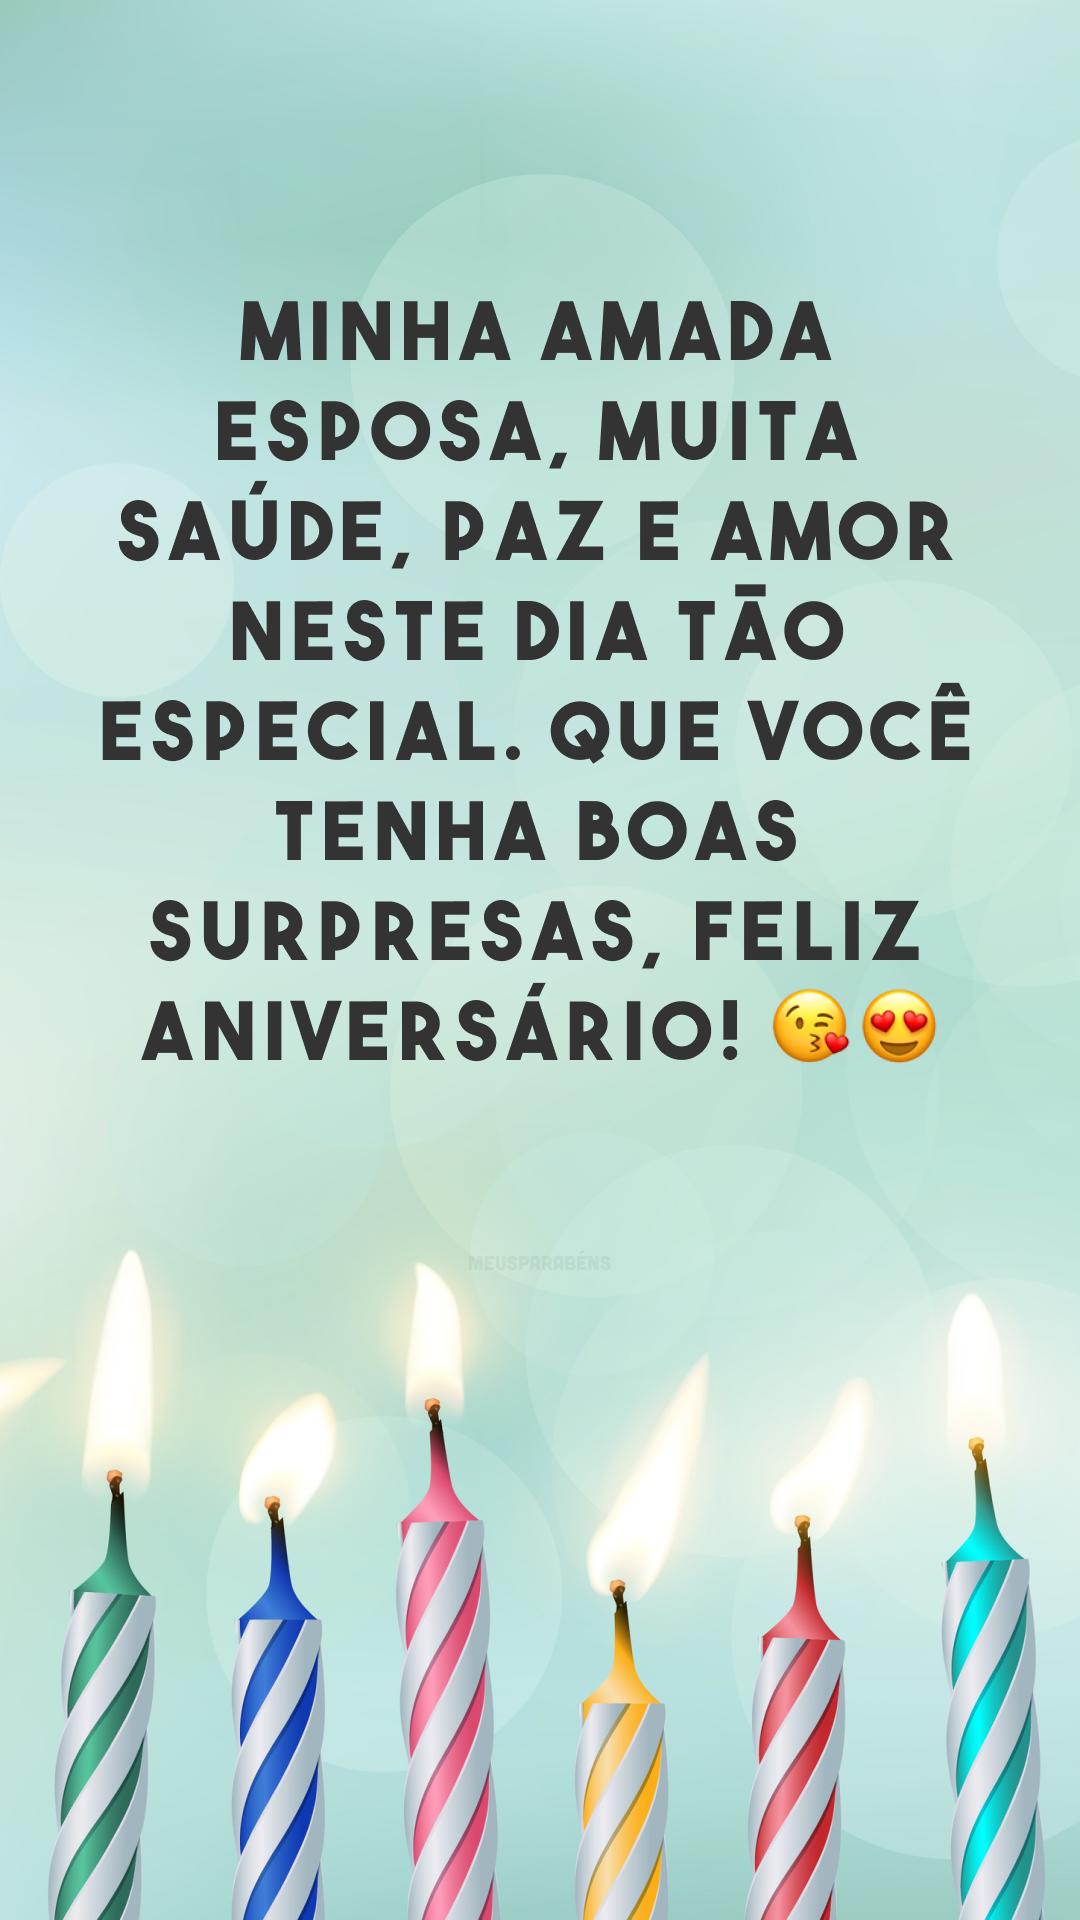 Minha amada esposa, muita saúde, paz e amor neste dia tão especial. Que você tenha boas surpresas, feliz aniversário! 😘😍<br />